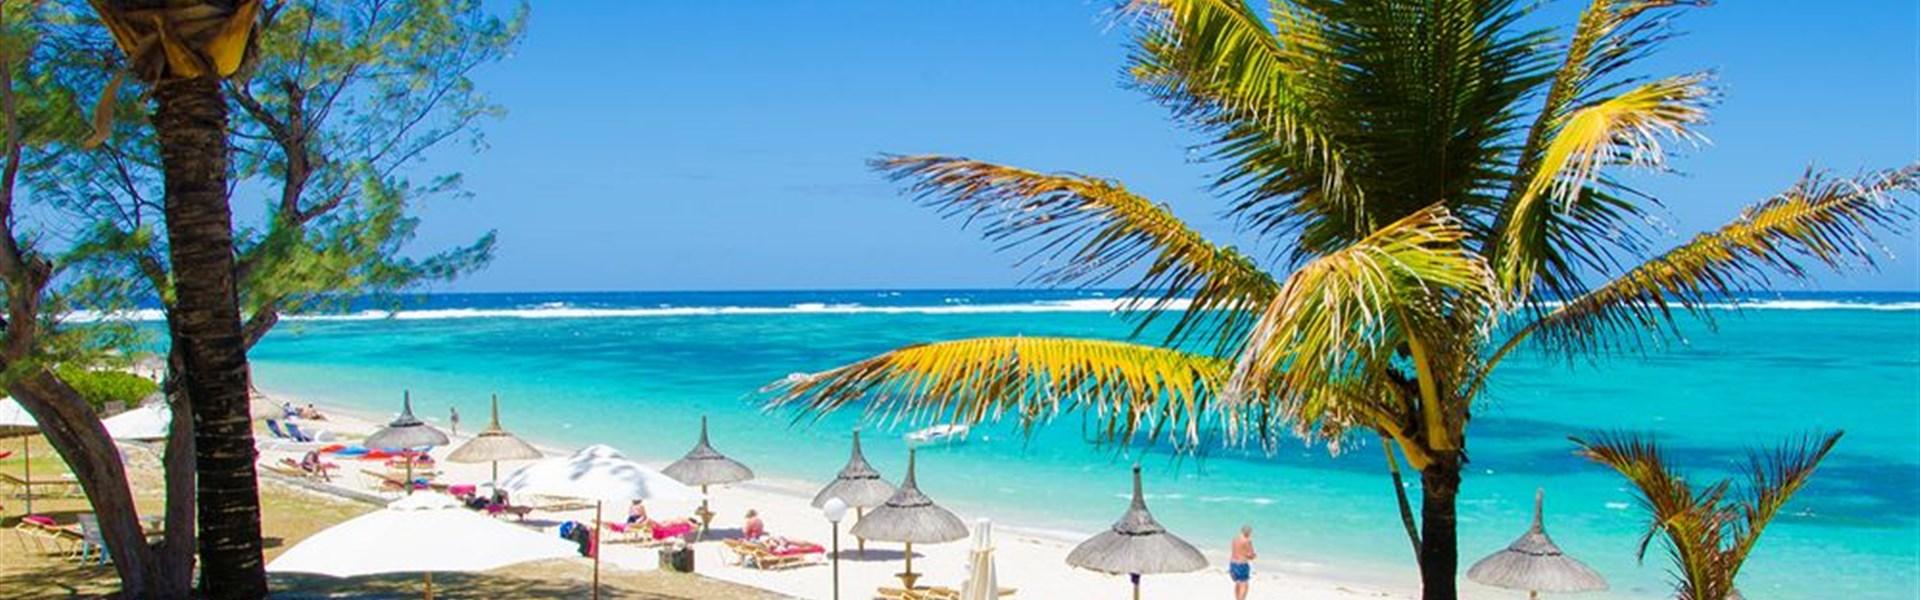 Marco Polo - Silver Beach Resort -